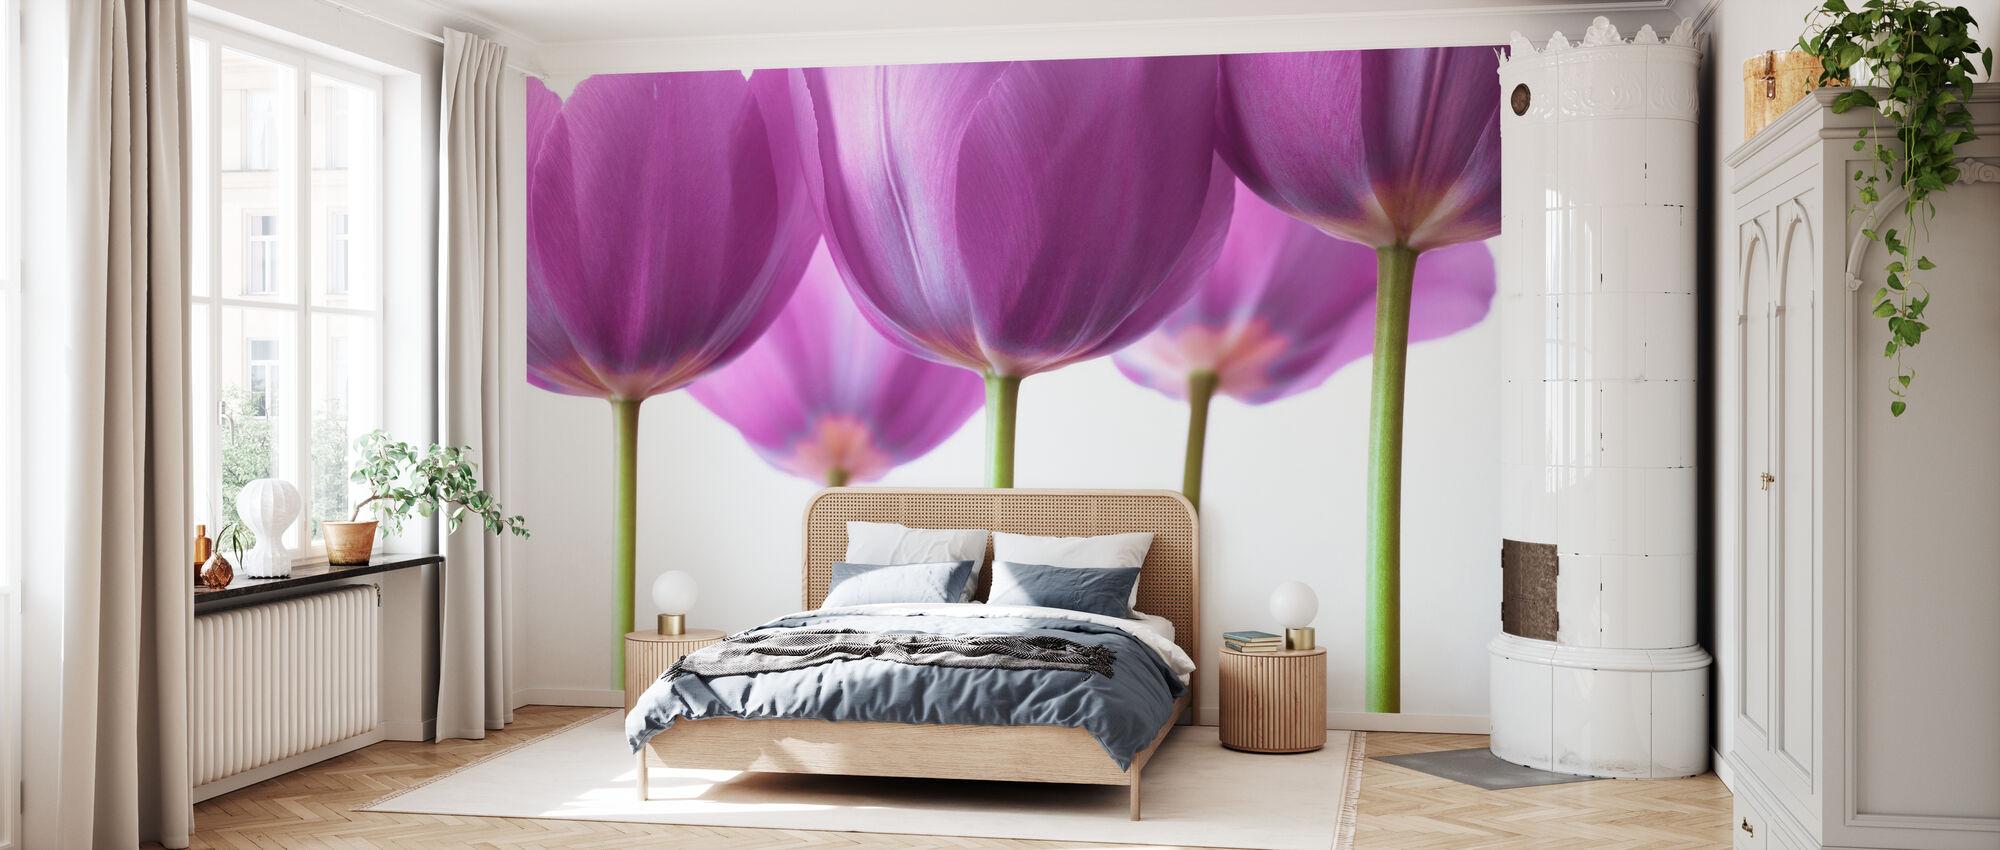 Tulips - Wallpaper - Bedroom